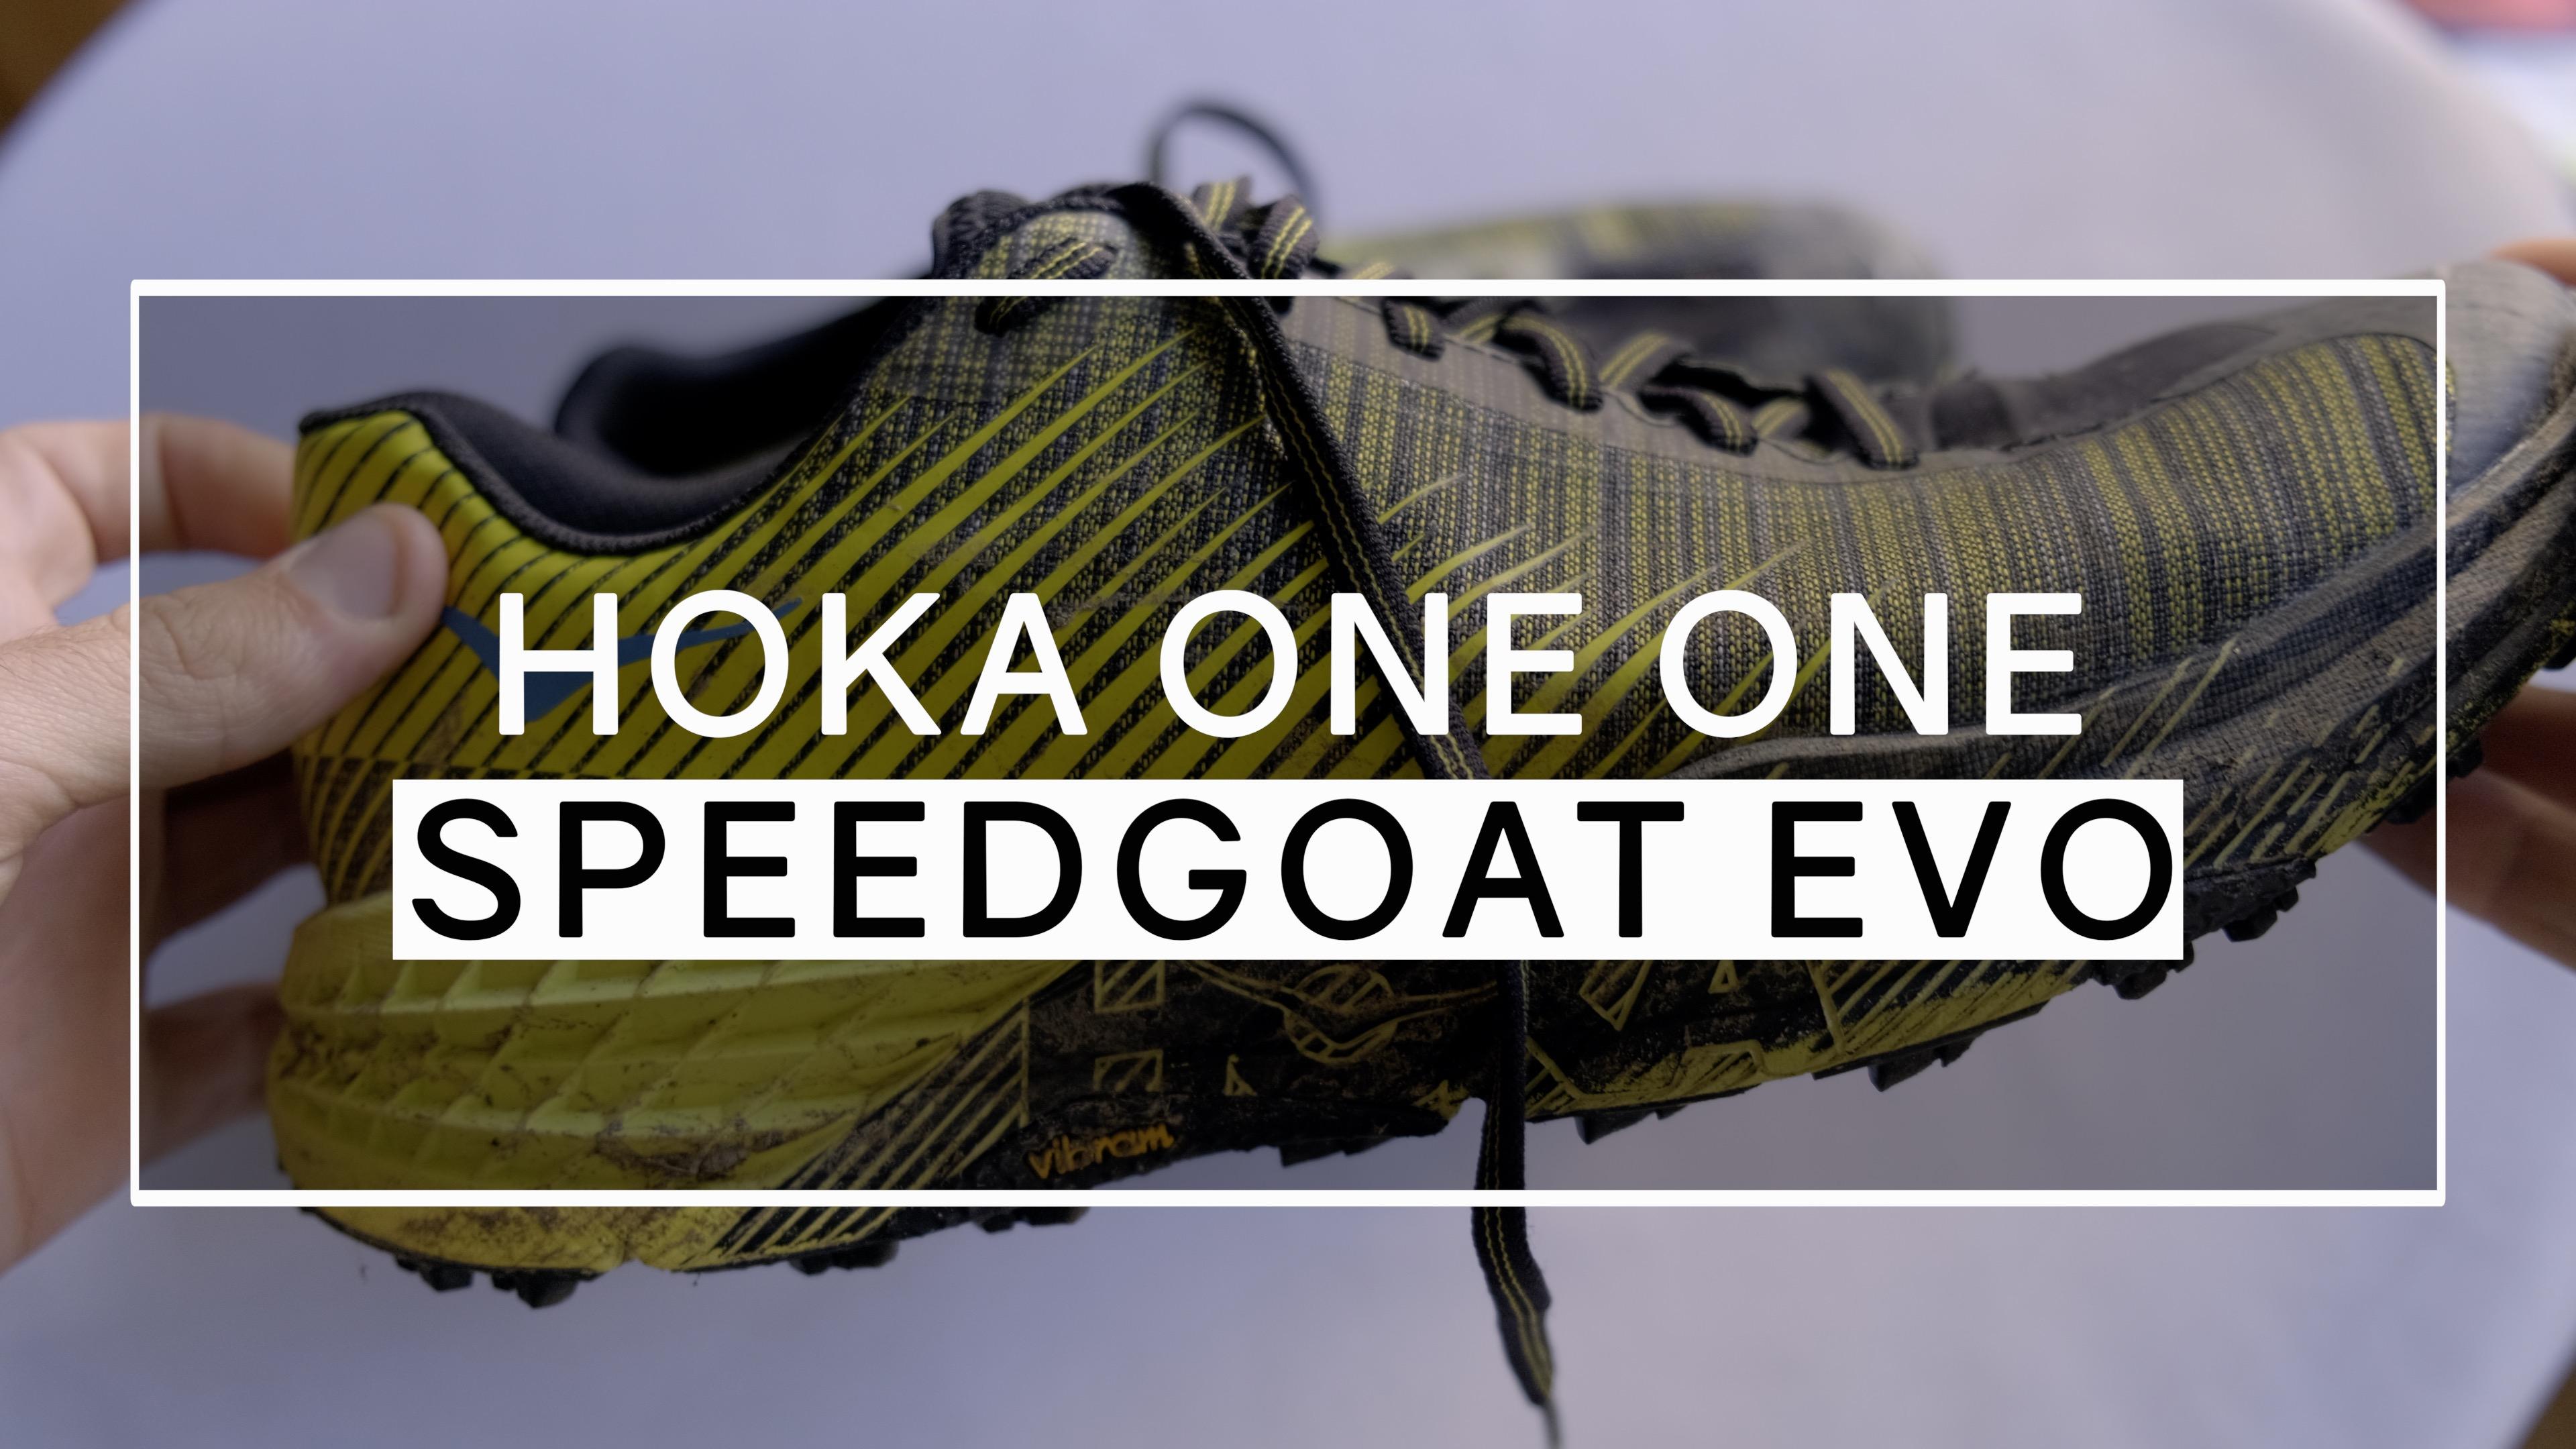 Hoka Speedgoat EVO